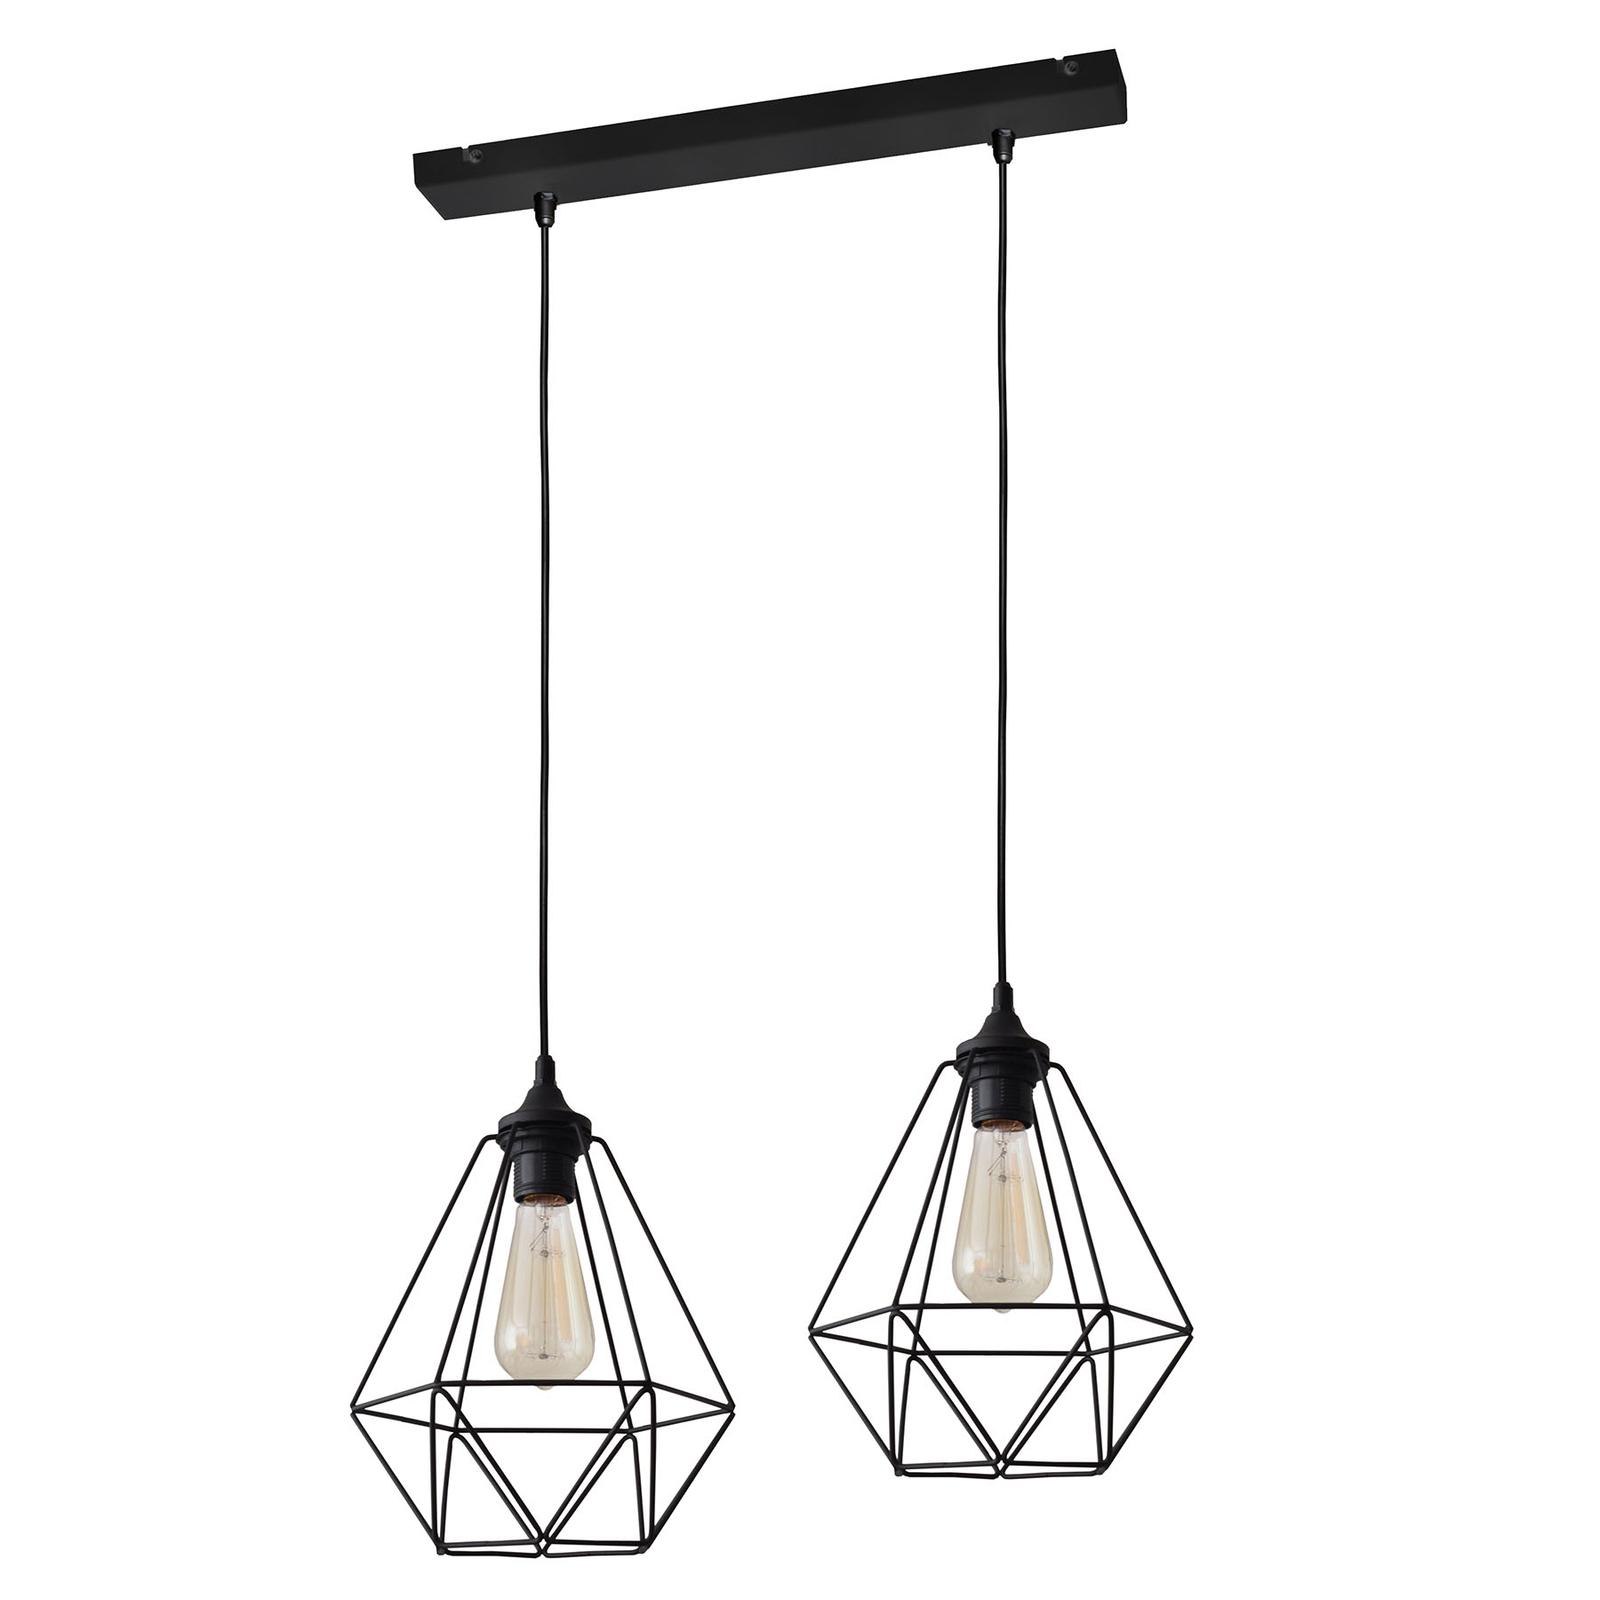 Hanglamp Karo 2-lamps, zwart